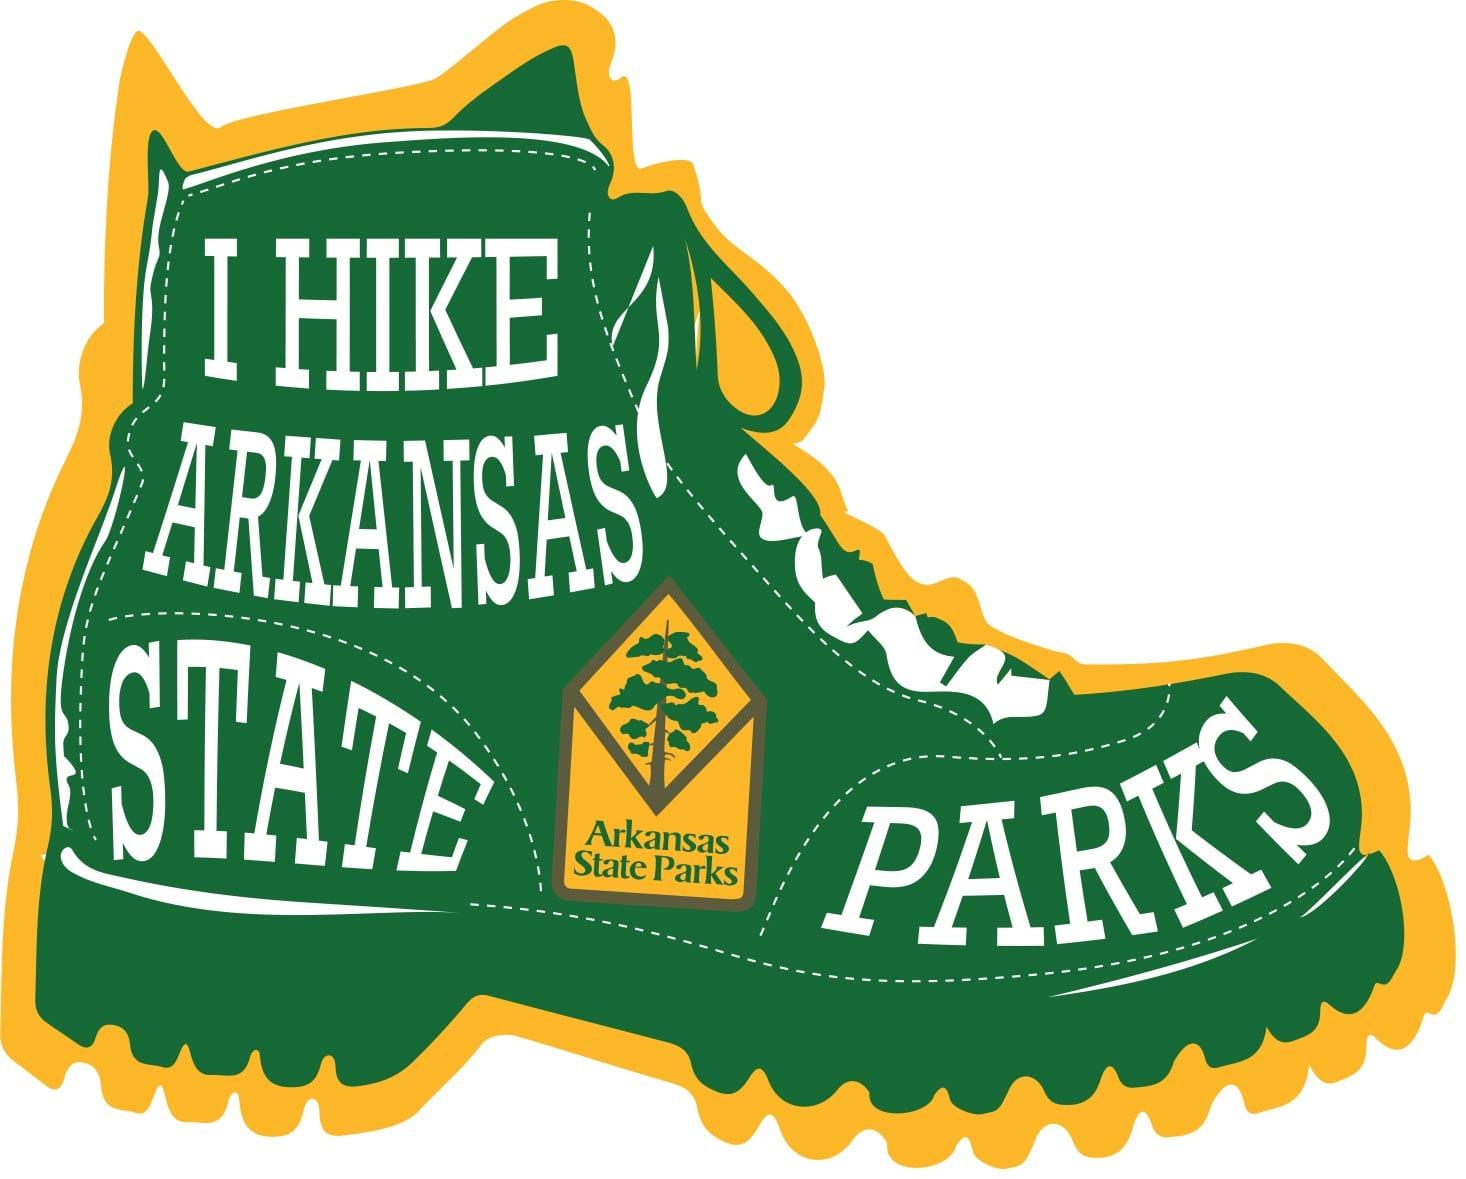 I Hike State Parks